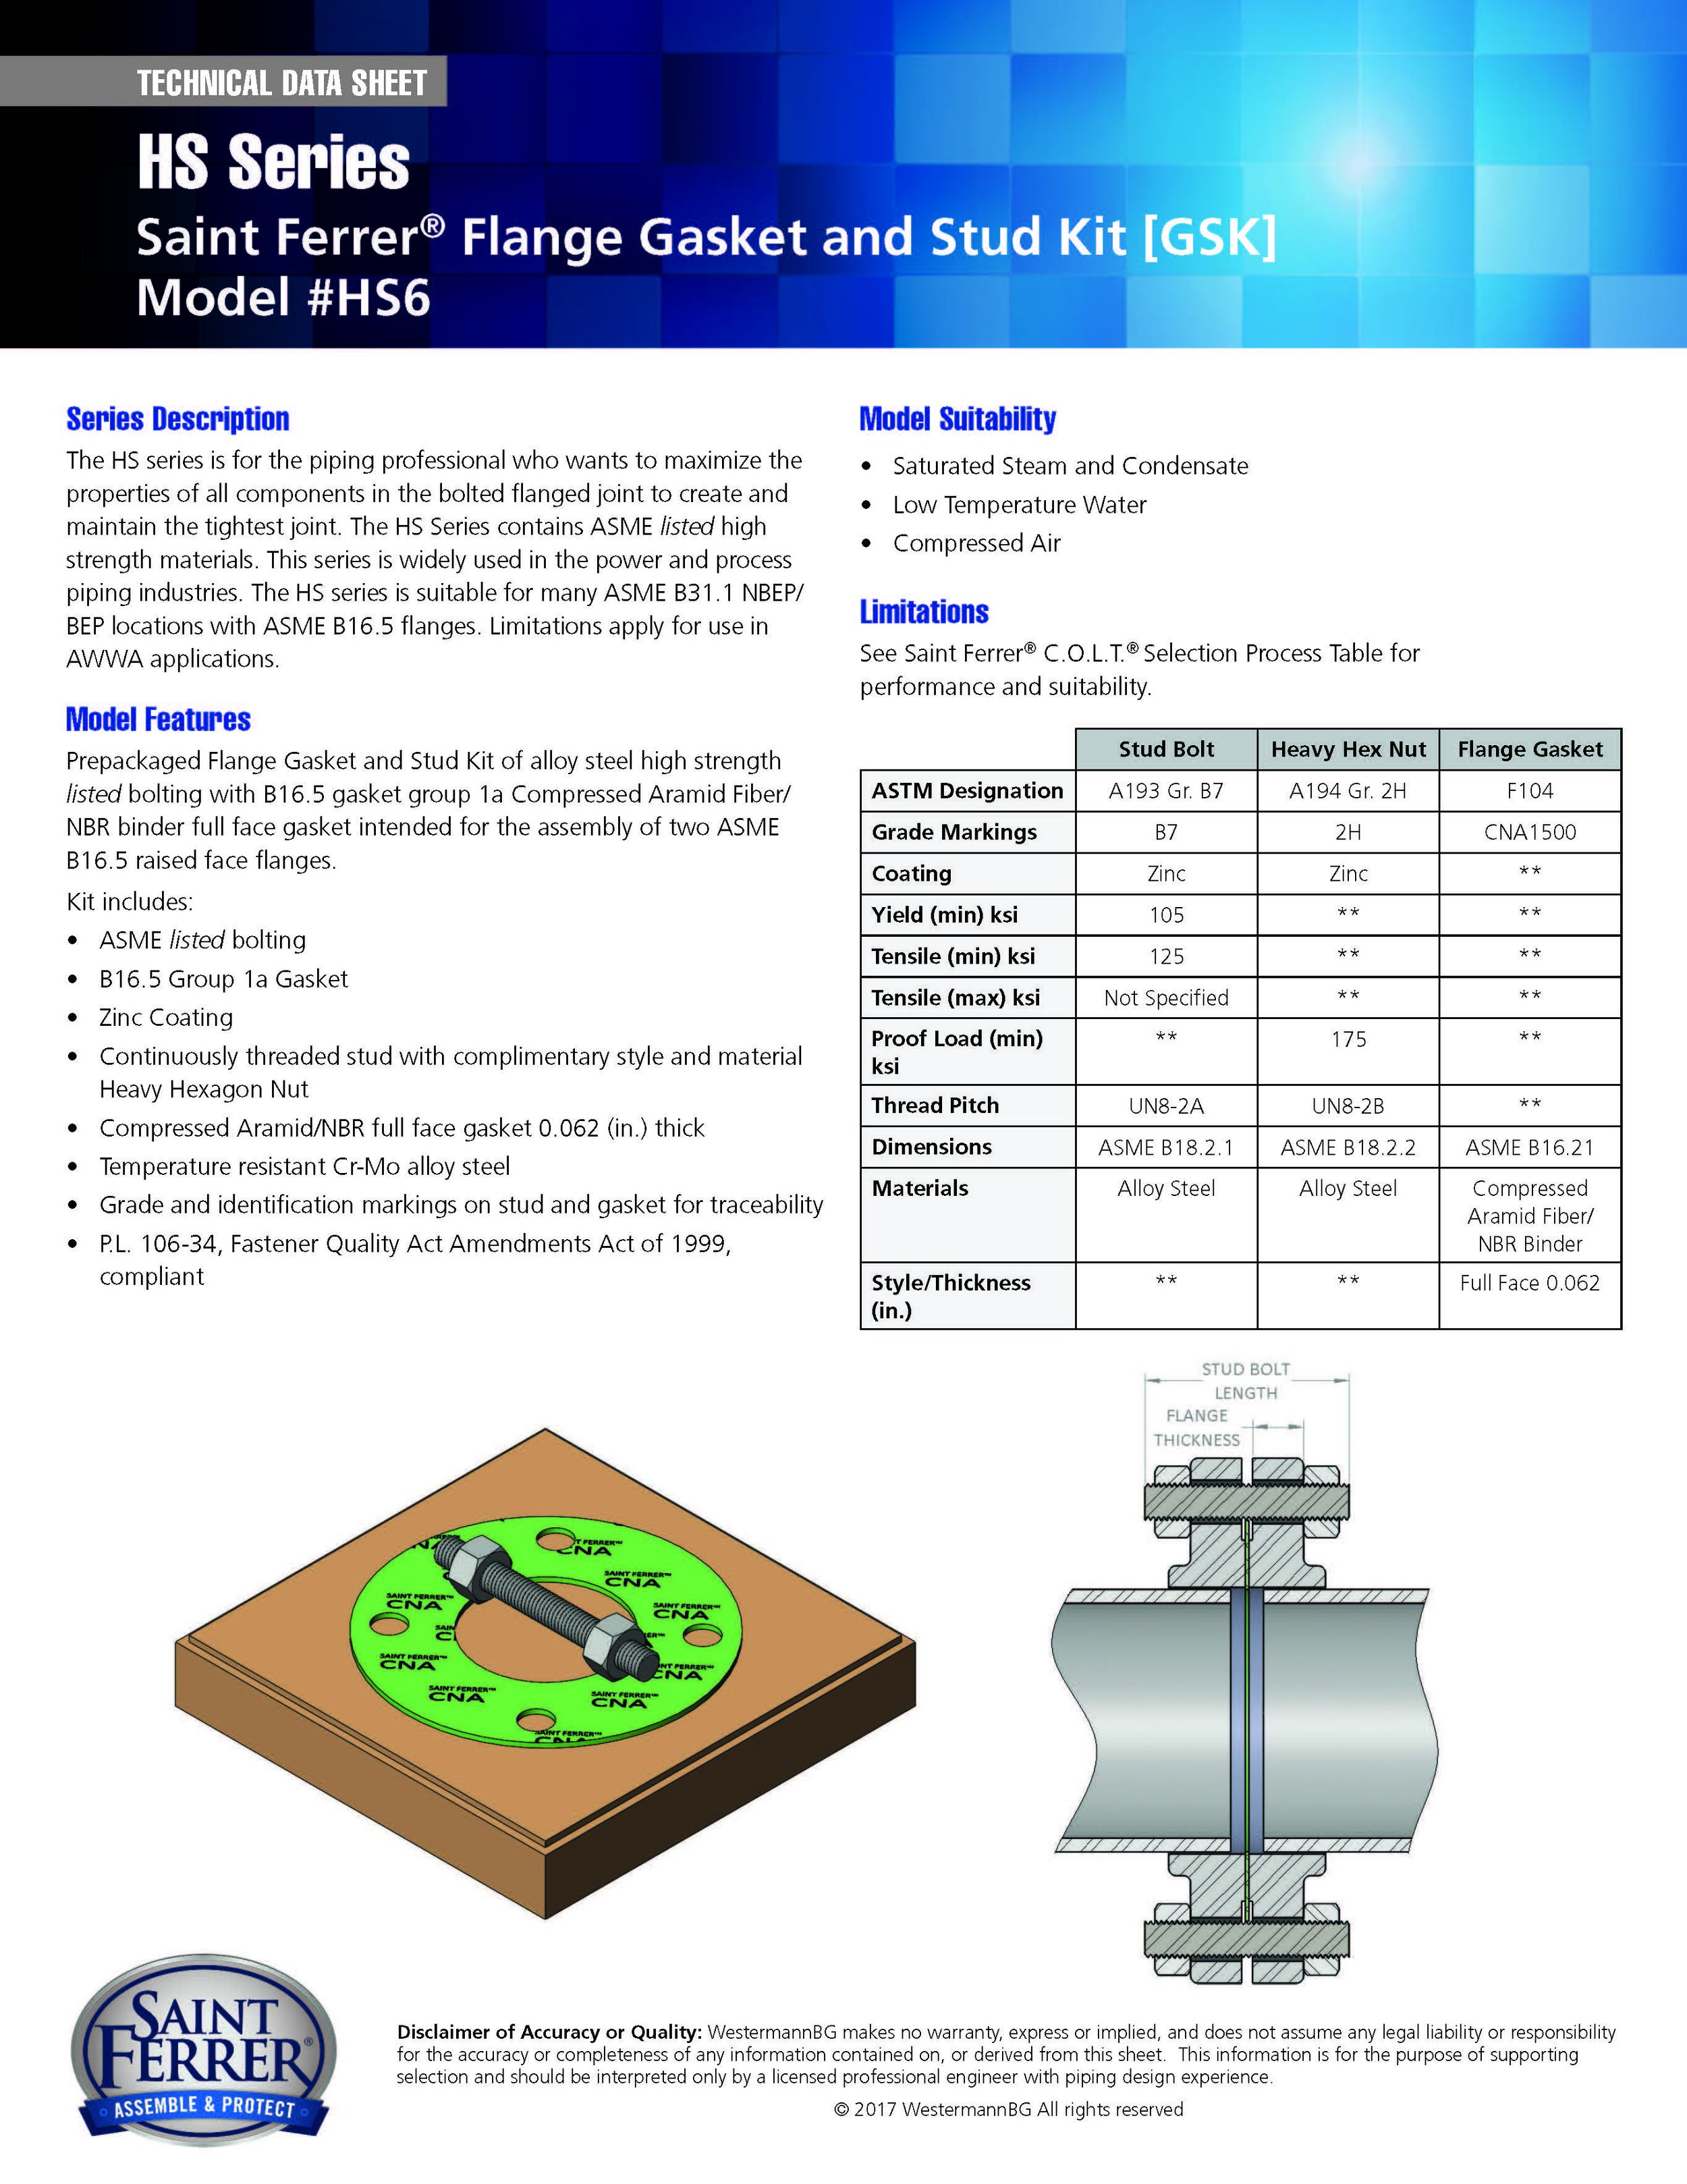 SF_Data_Sheet_HS_Series_HS6.jpg